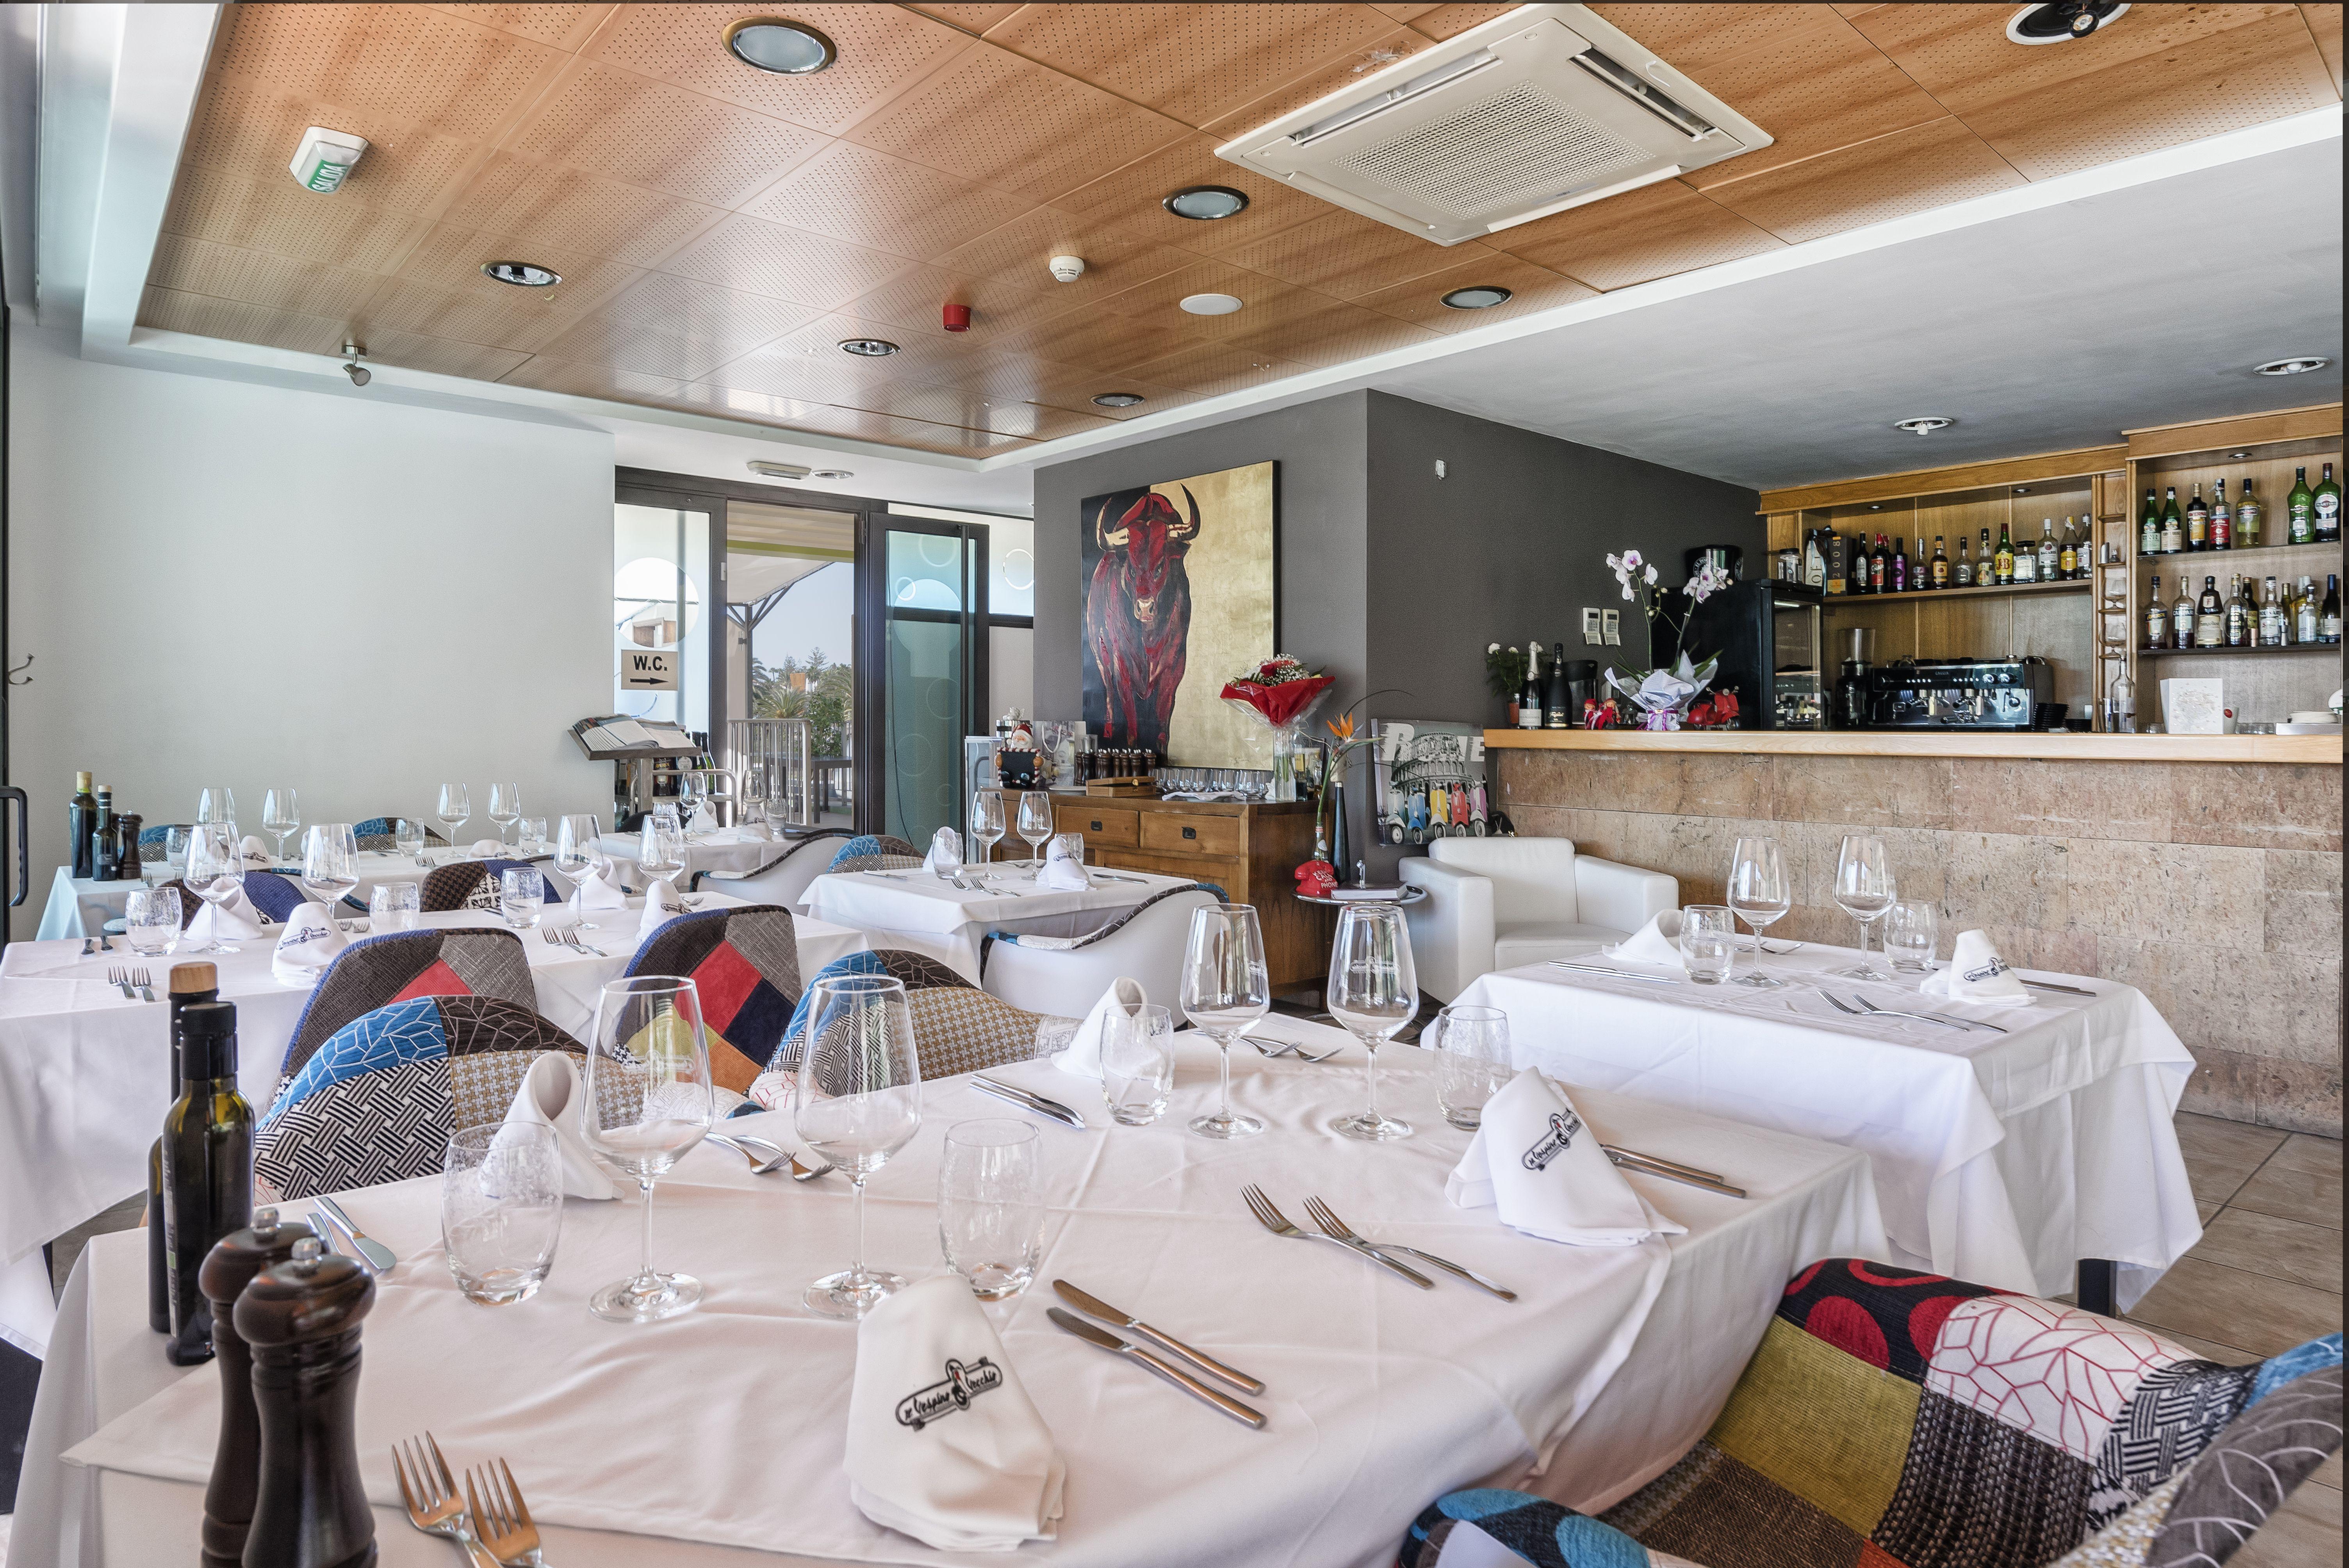 Foto 2 de Cocina italiana en Las Palmas de Gran Canaria | Il Vespino Vecchio